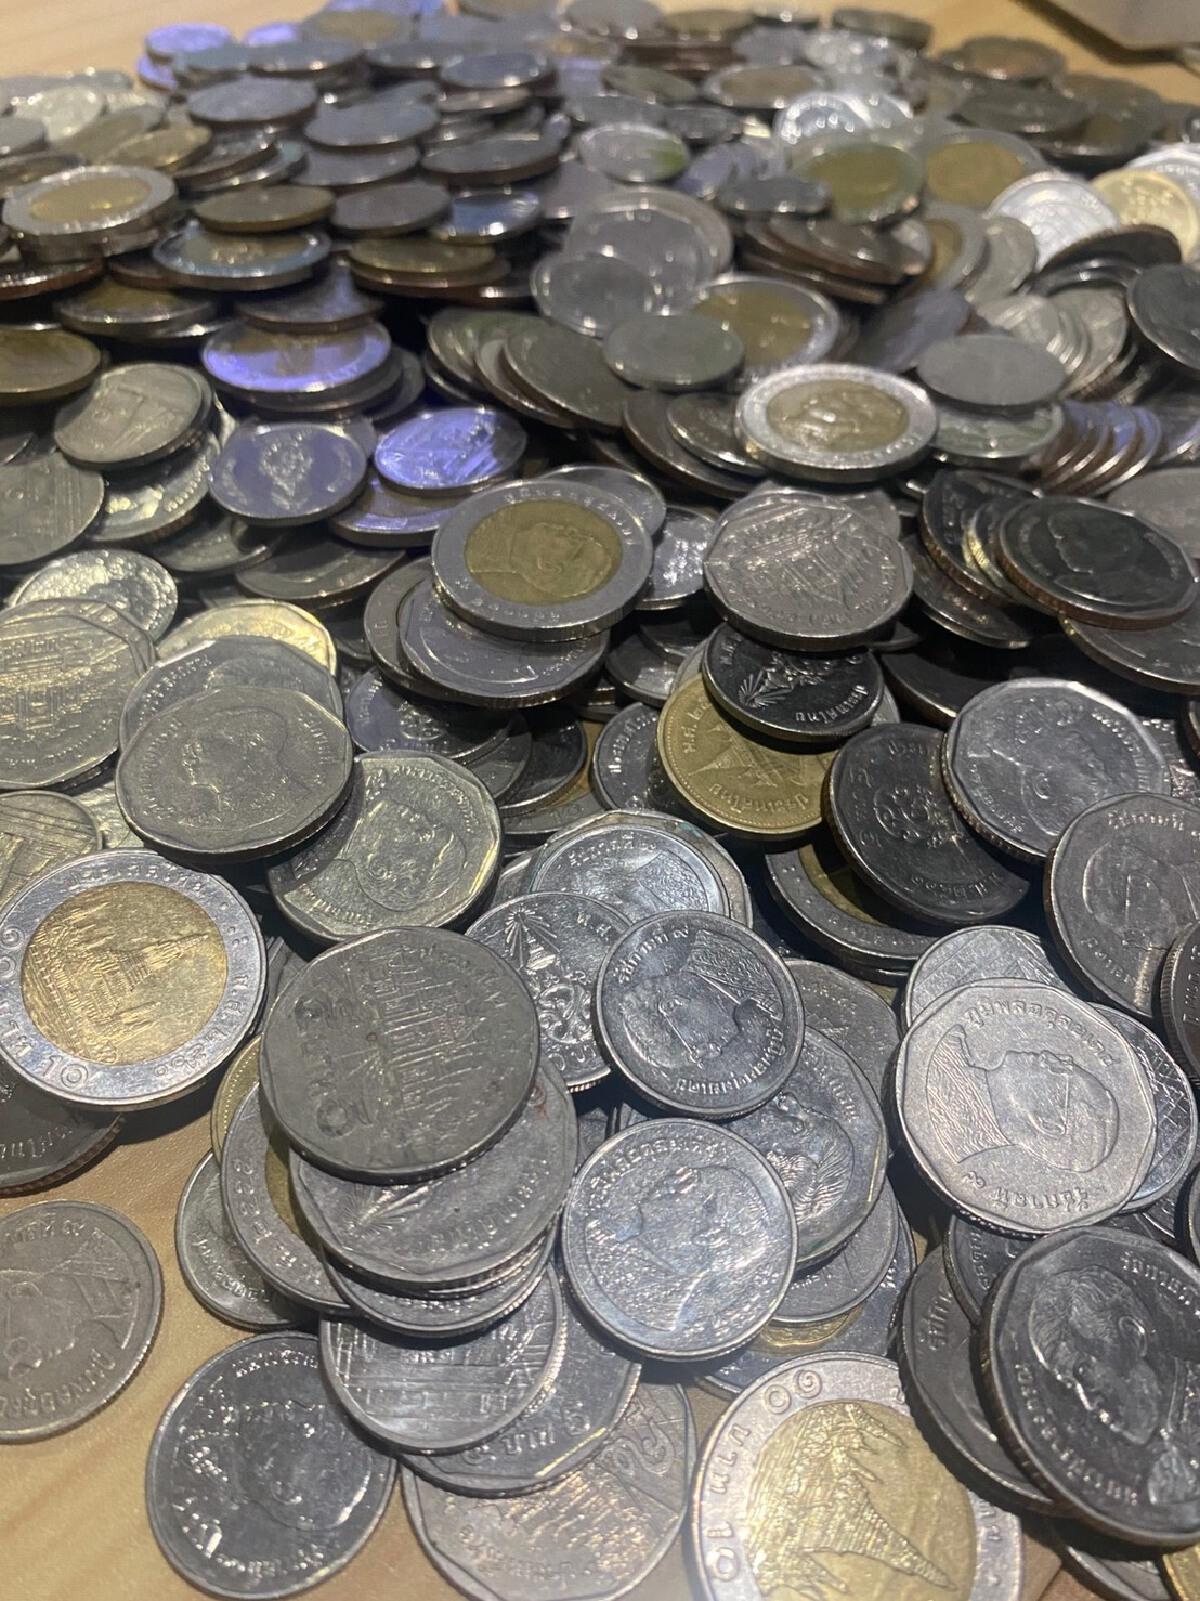 หมดไตรมาส1ปี2564 ! ใครสัญญาตั้งแต่ต้นปีว่าจะ 'เก็บเงิน'ได้เท่าไหร่แล้ว